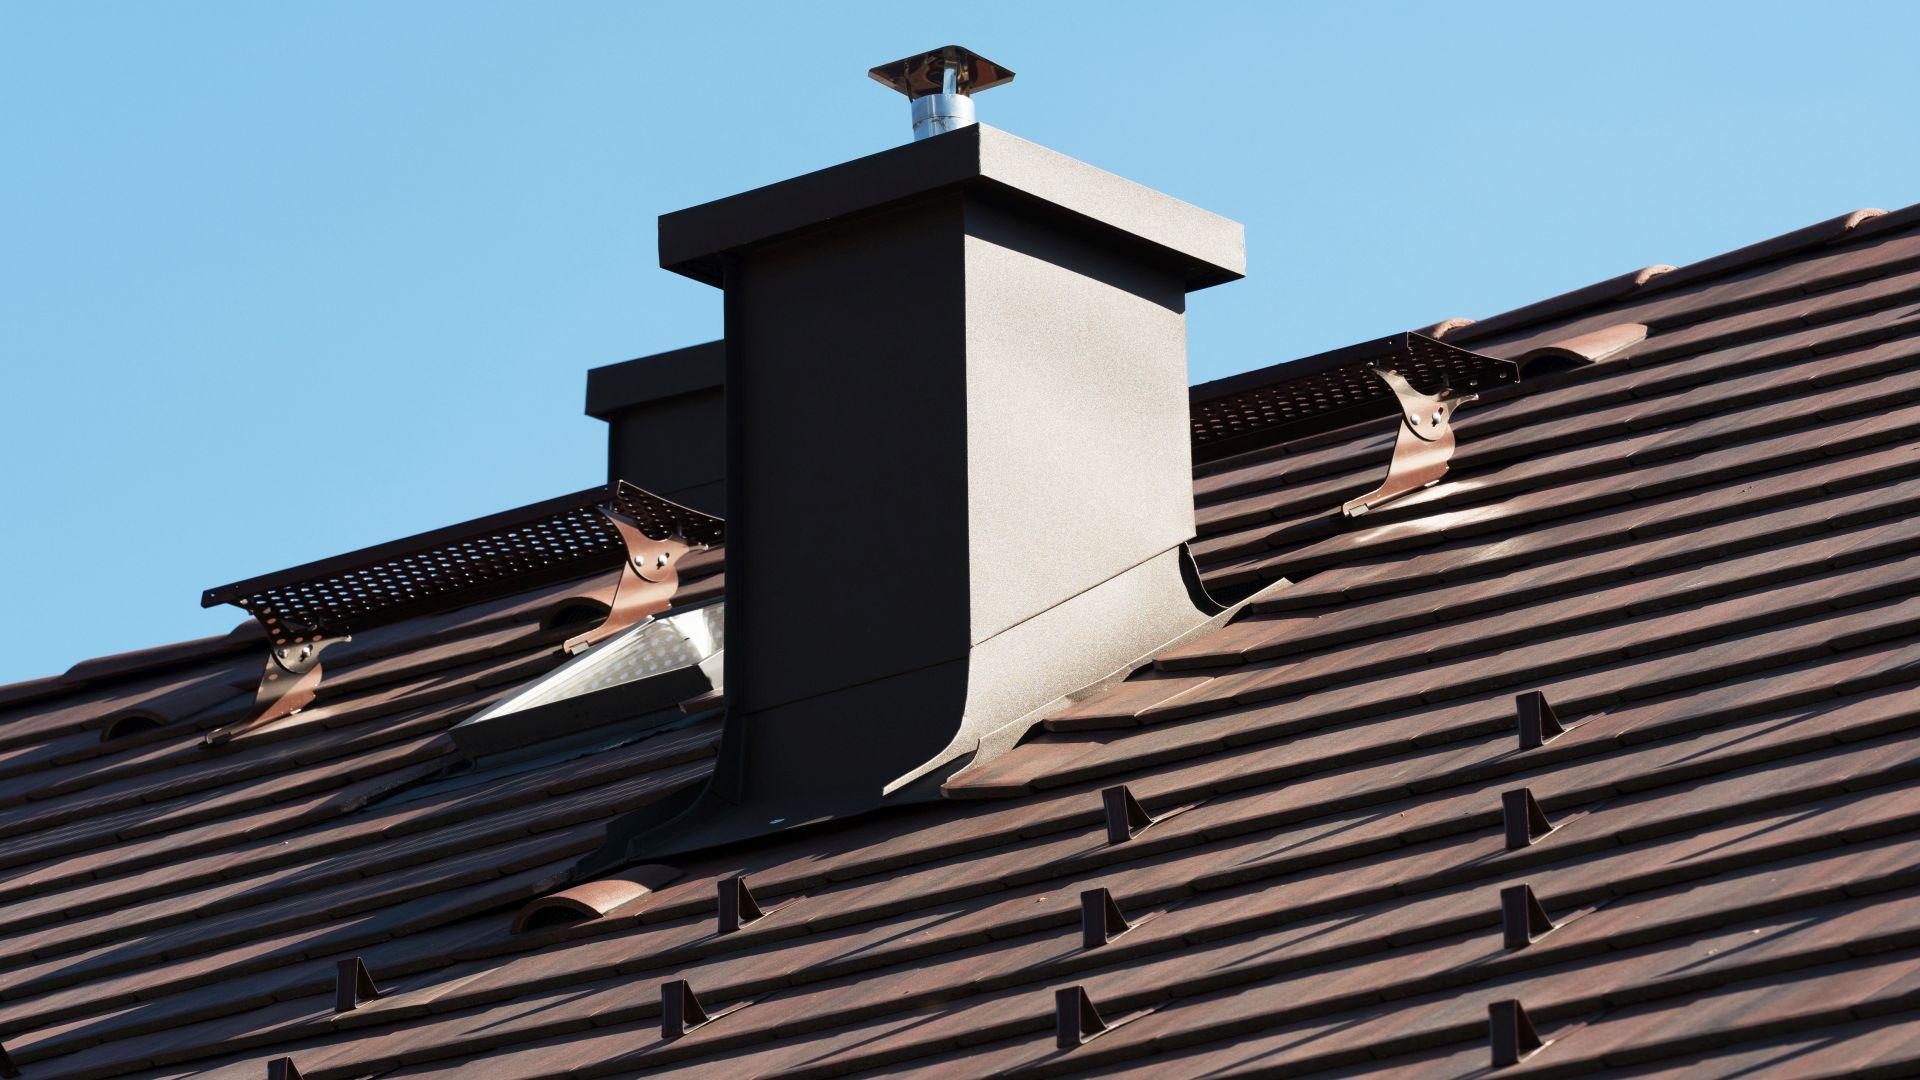 Járórács, tetőjárda felhelyezése